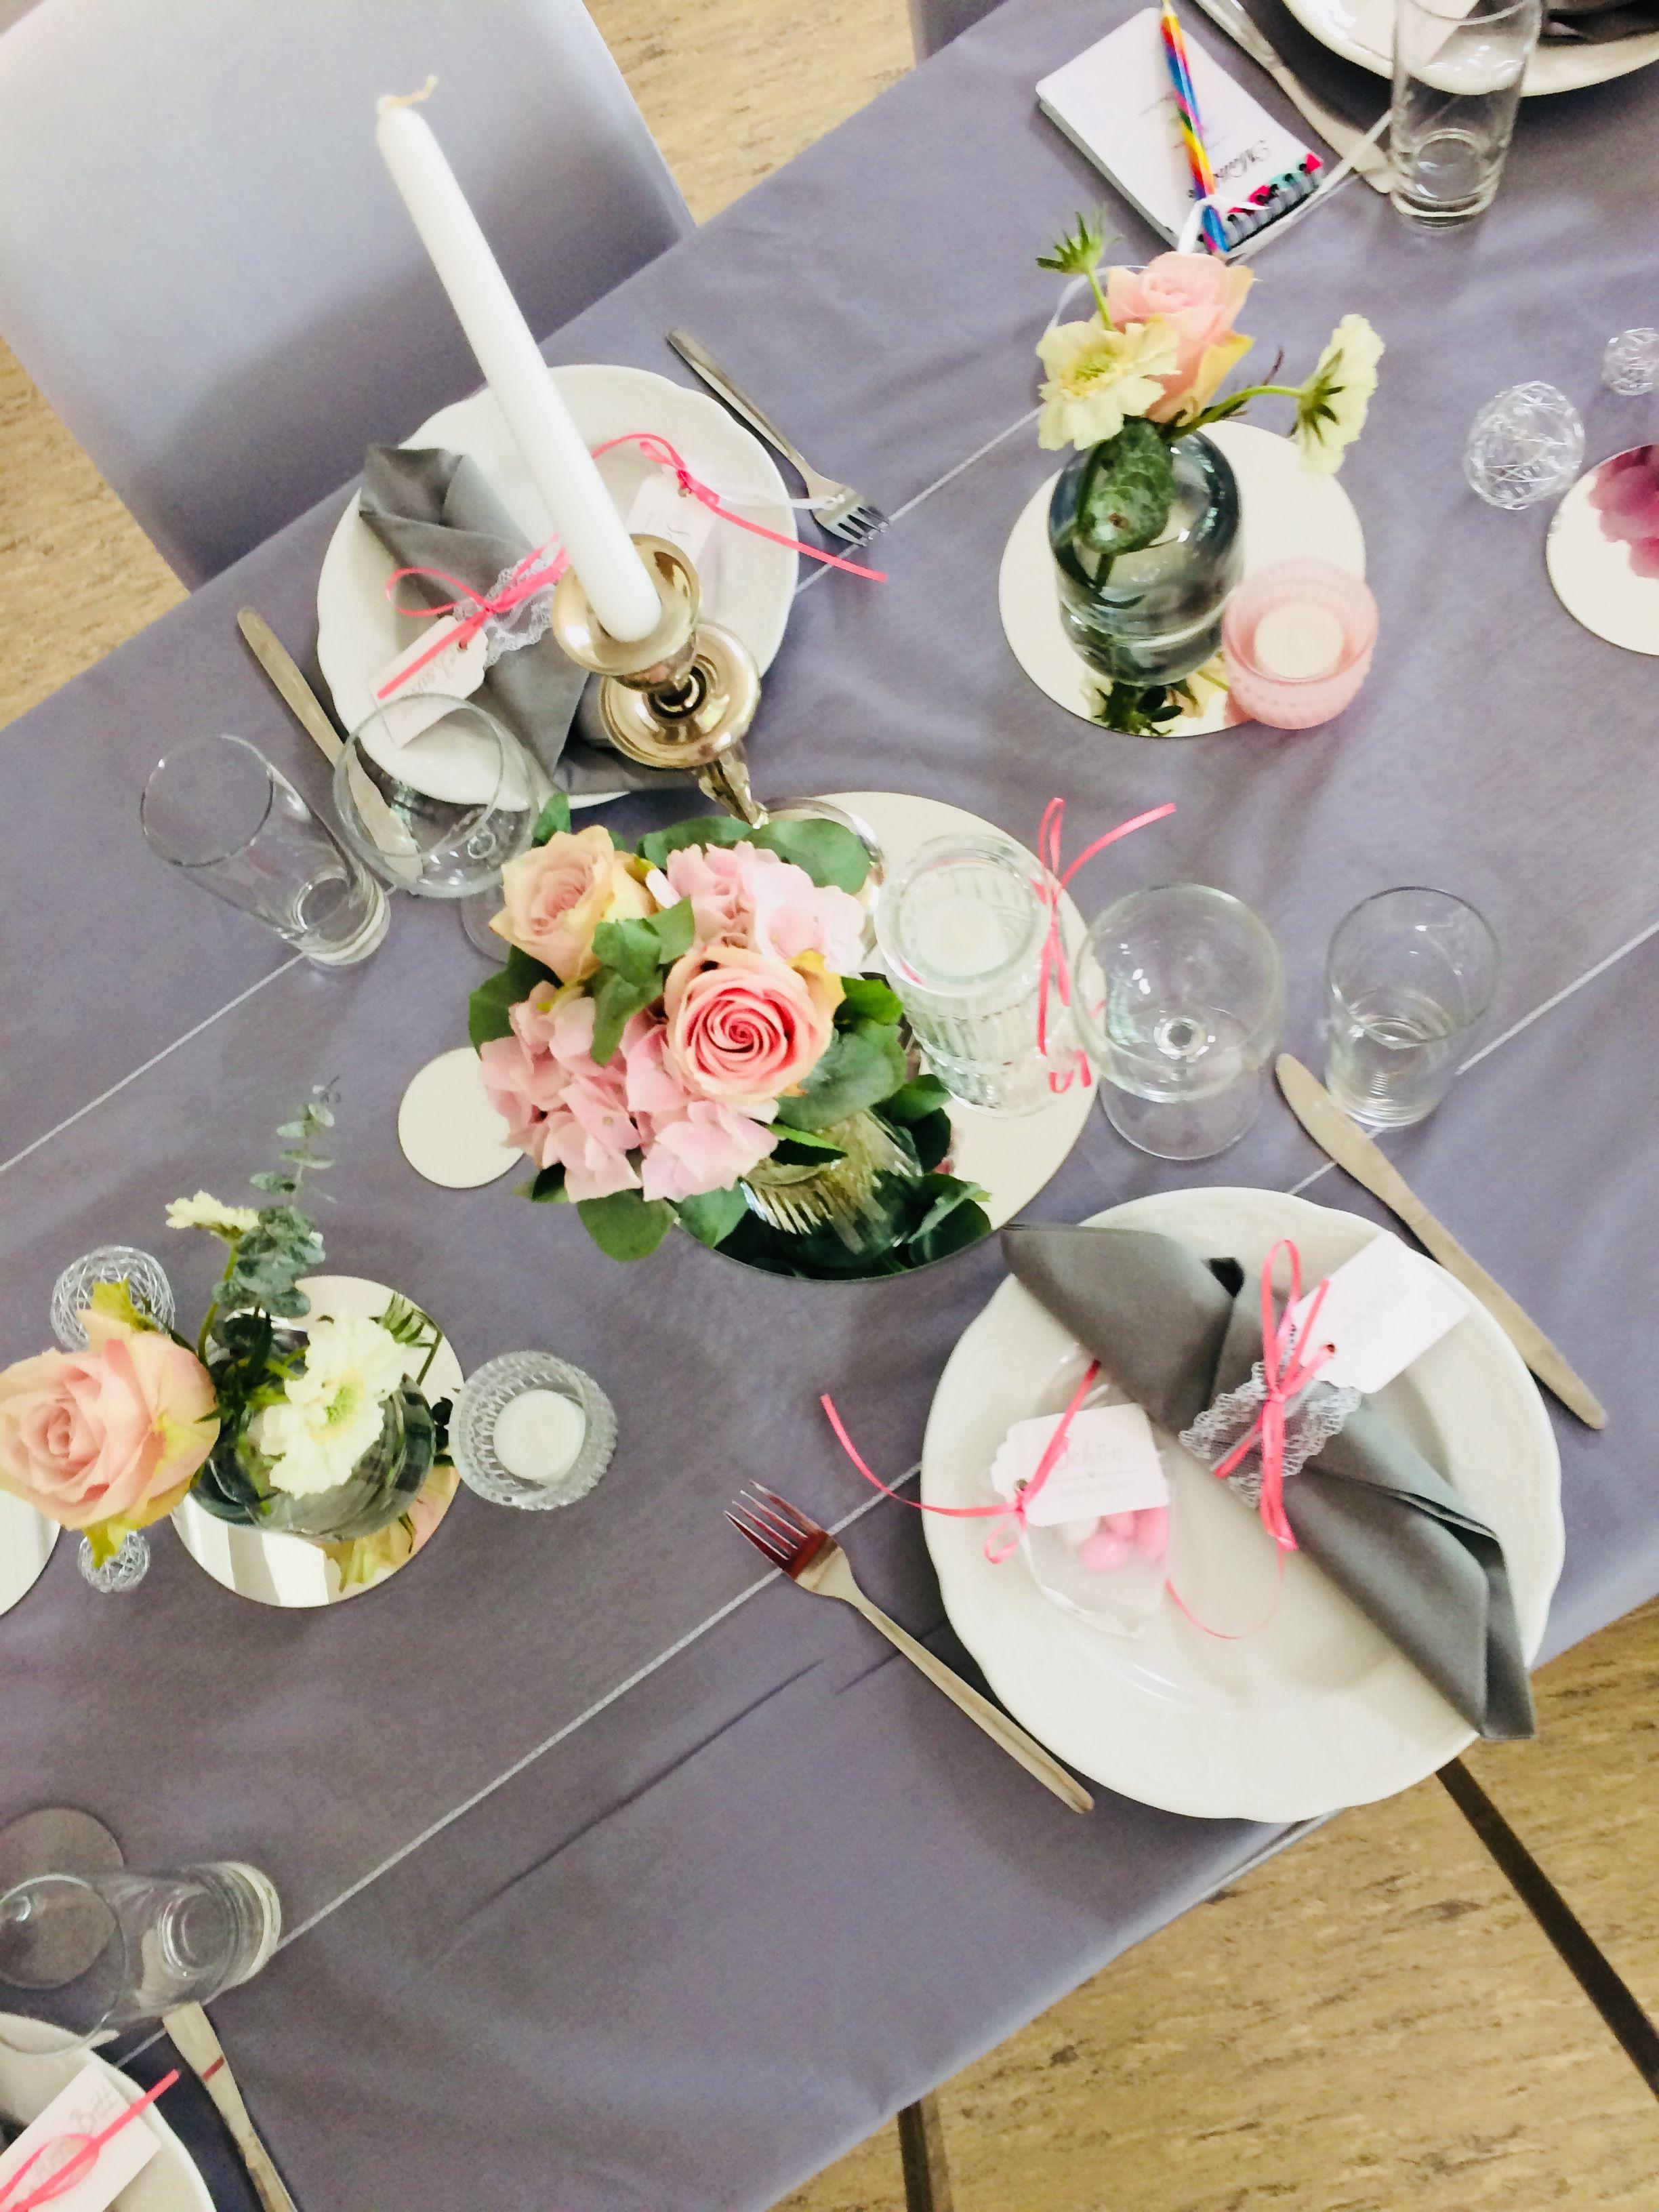 Light Rose Eine Hochzeit In Grau Weiss Und Rosa Die Kombination